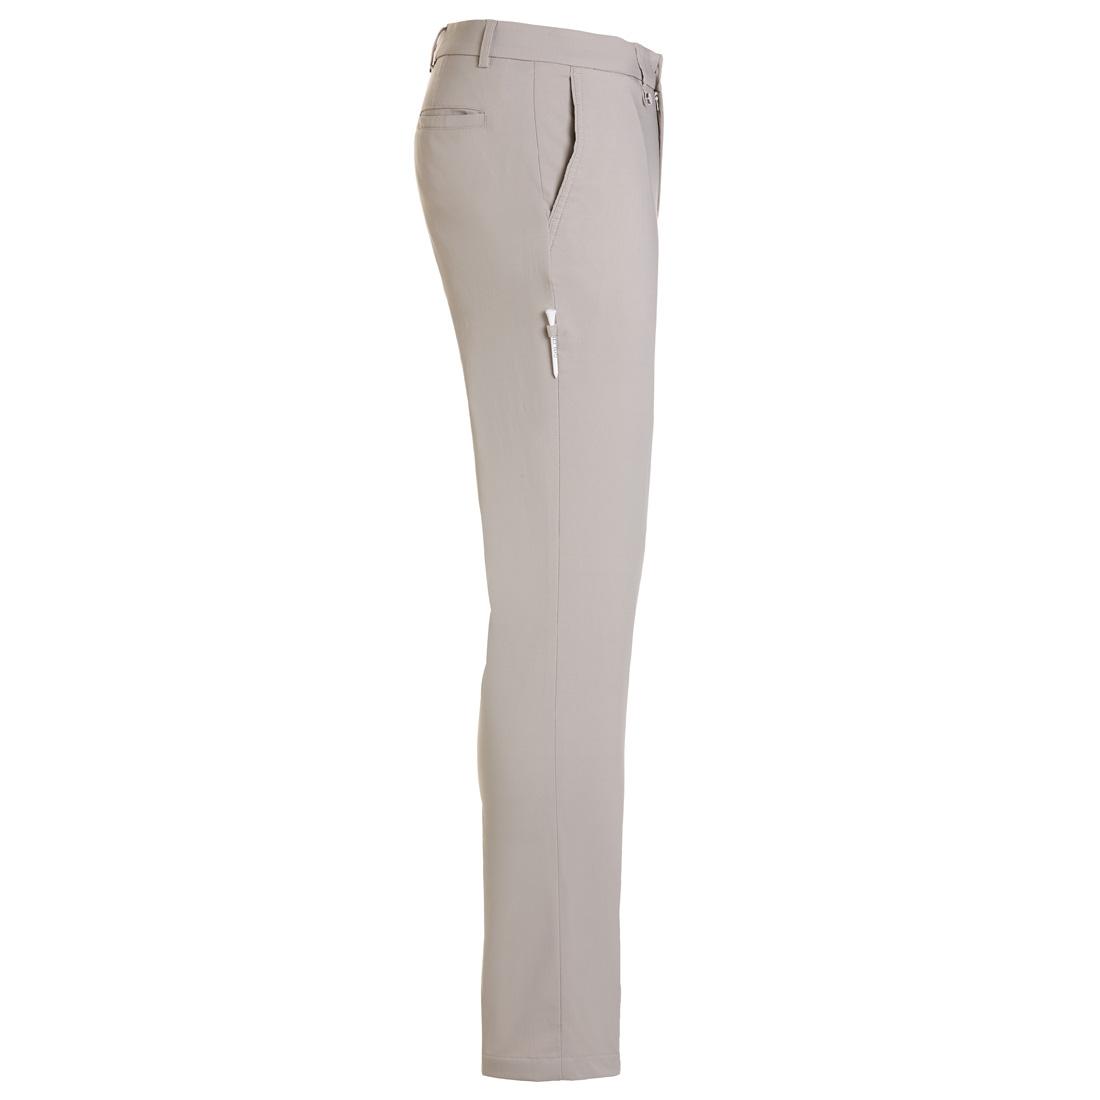 Gebürstete Techno Stretch Hose - schmal geschnitten - Light Taube